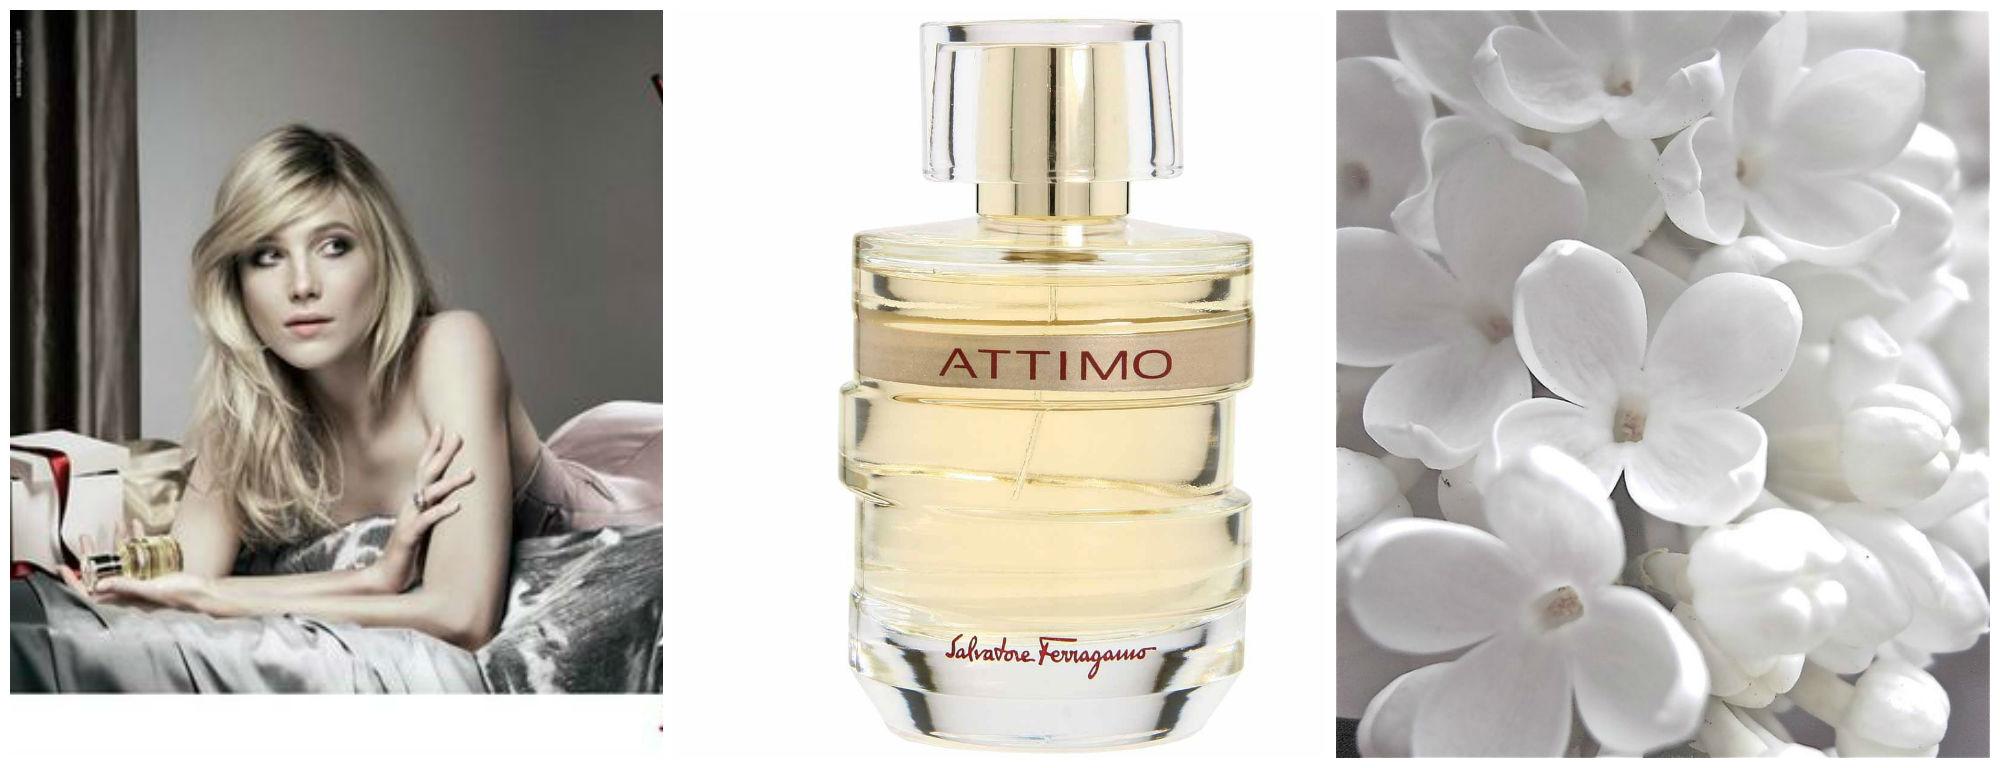 Perfume of the Day: Salvatore Ferragamo Attimo